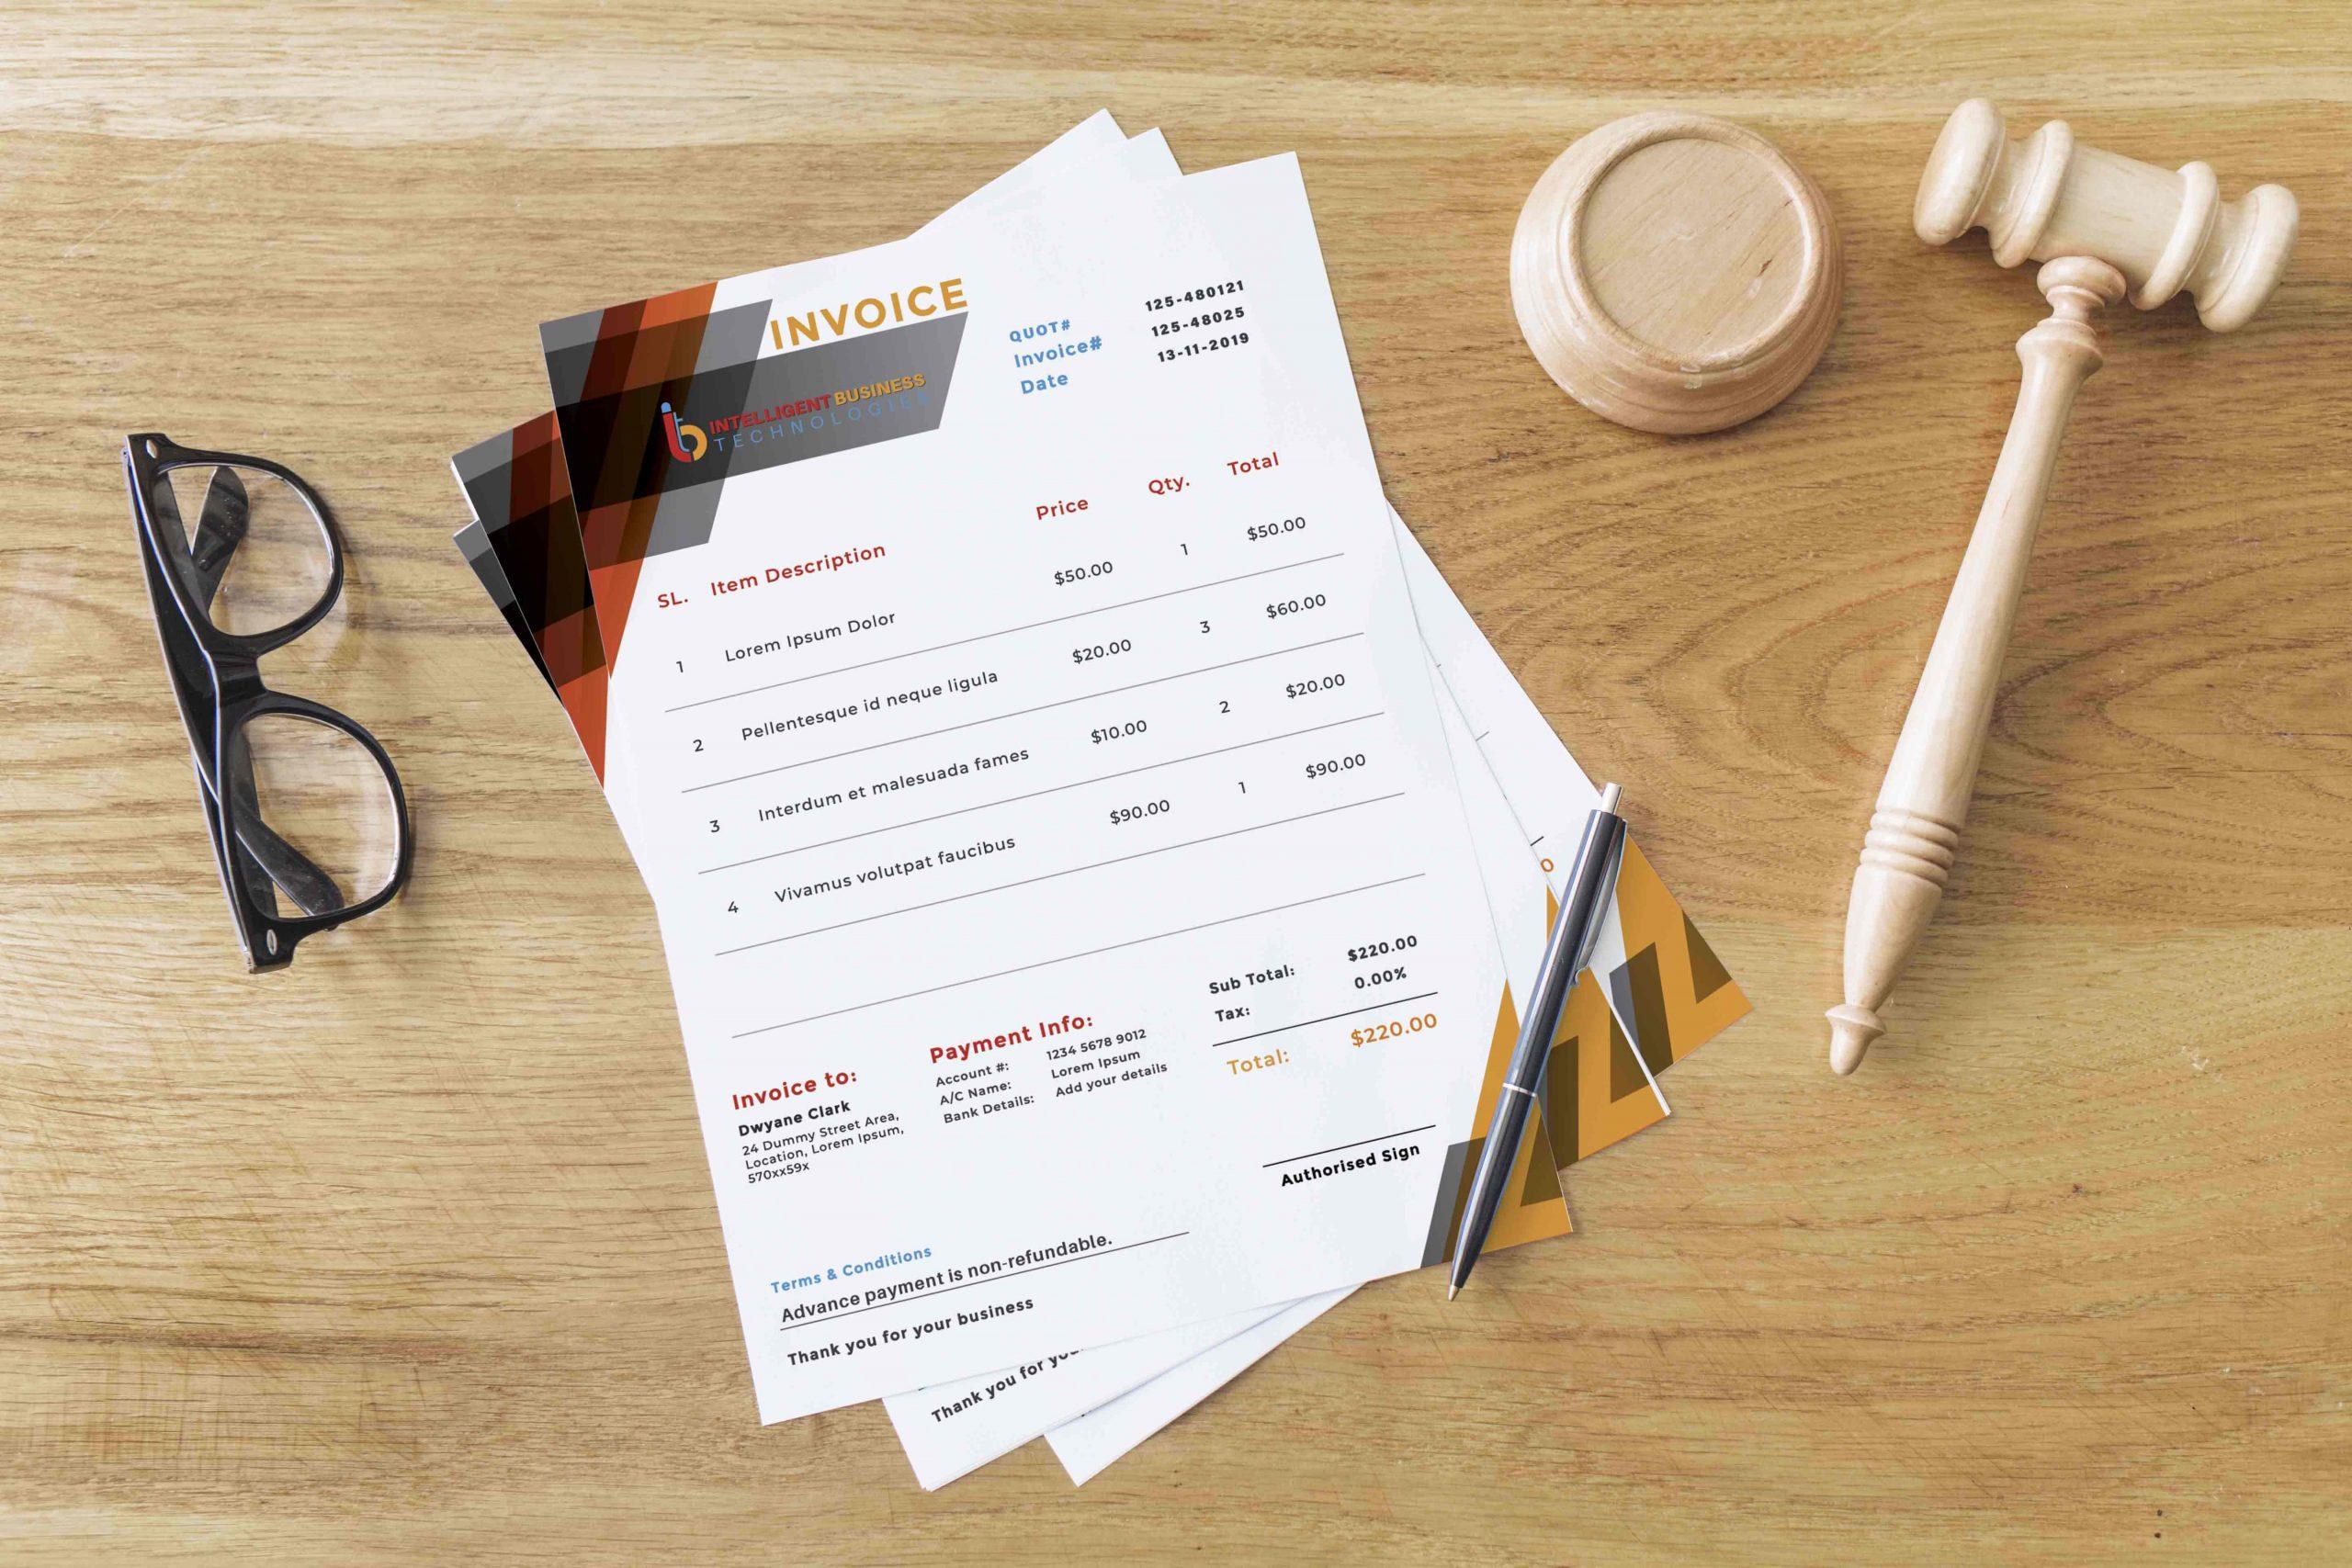 ibt-invoice